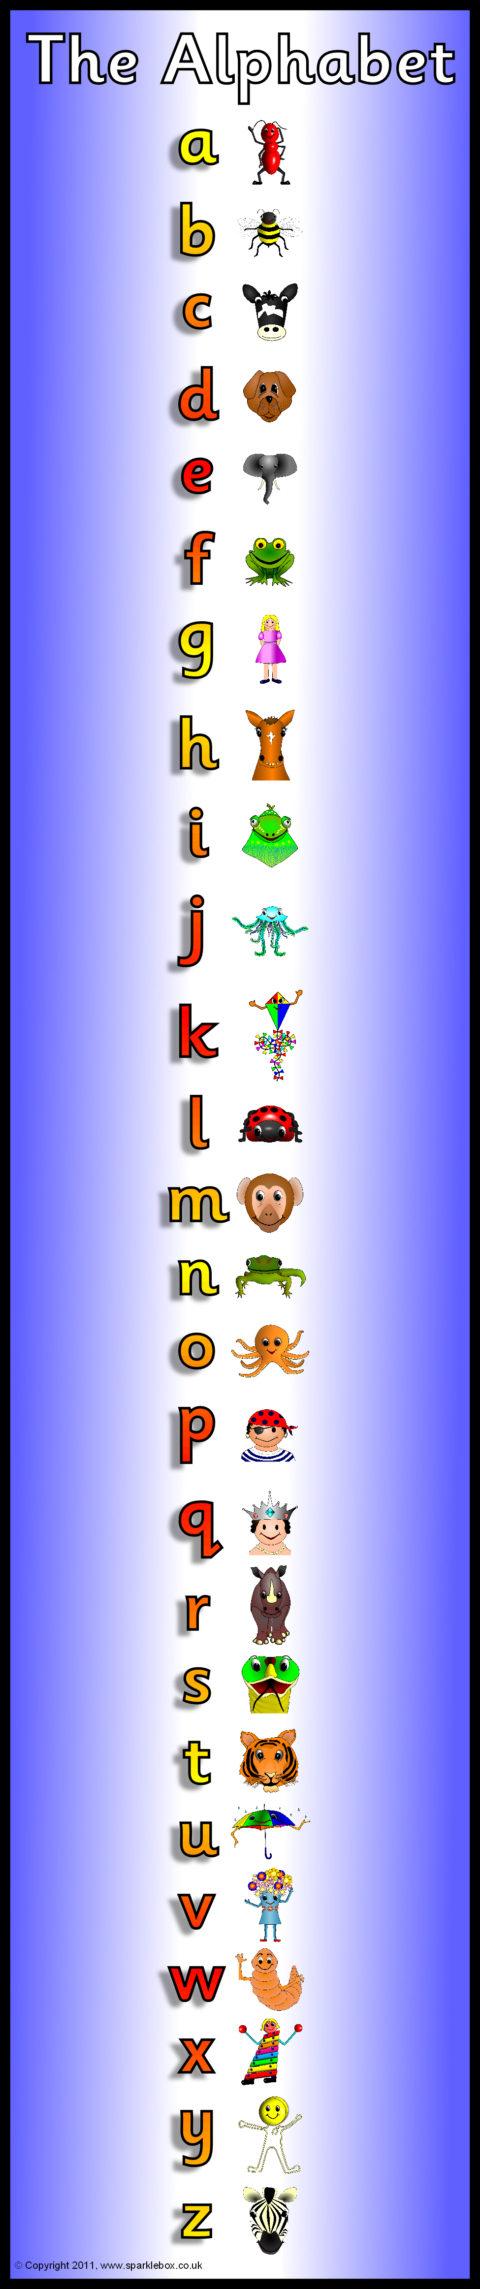 Alphabet Frieze Display Banner – Vertica (Sb5279) - Sparklebox inside Letter W Worksheets Sparklebox